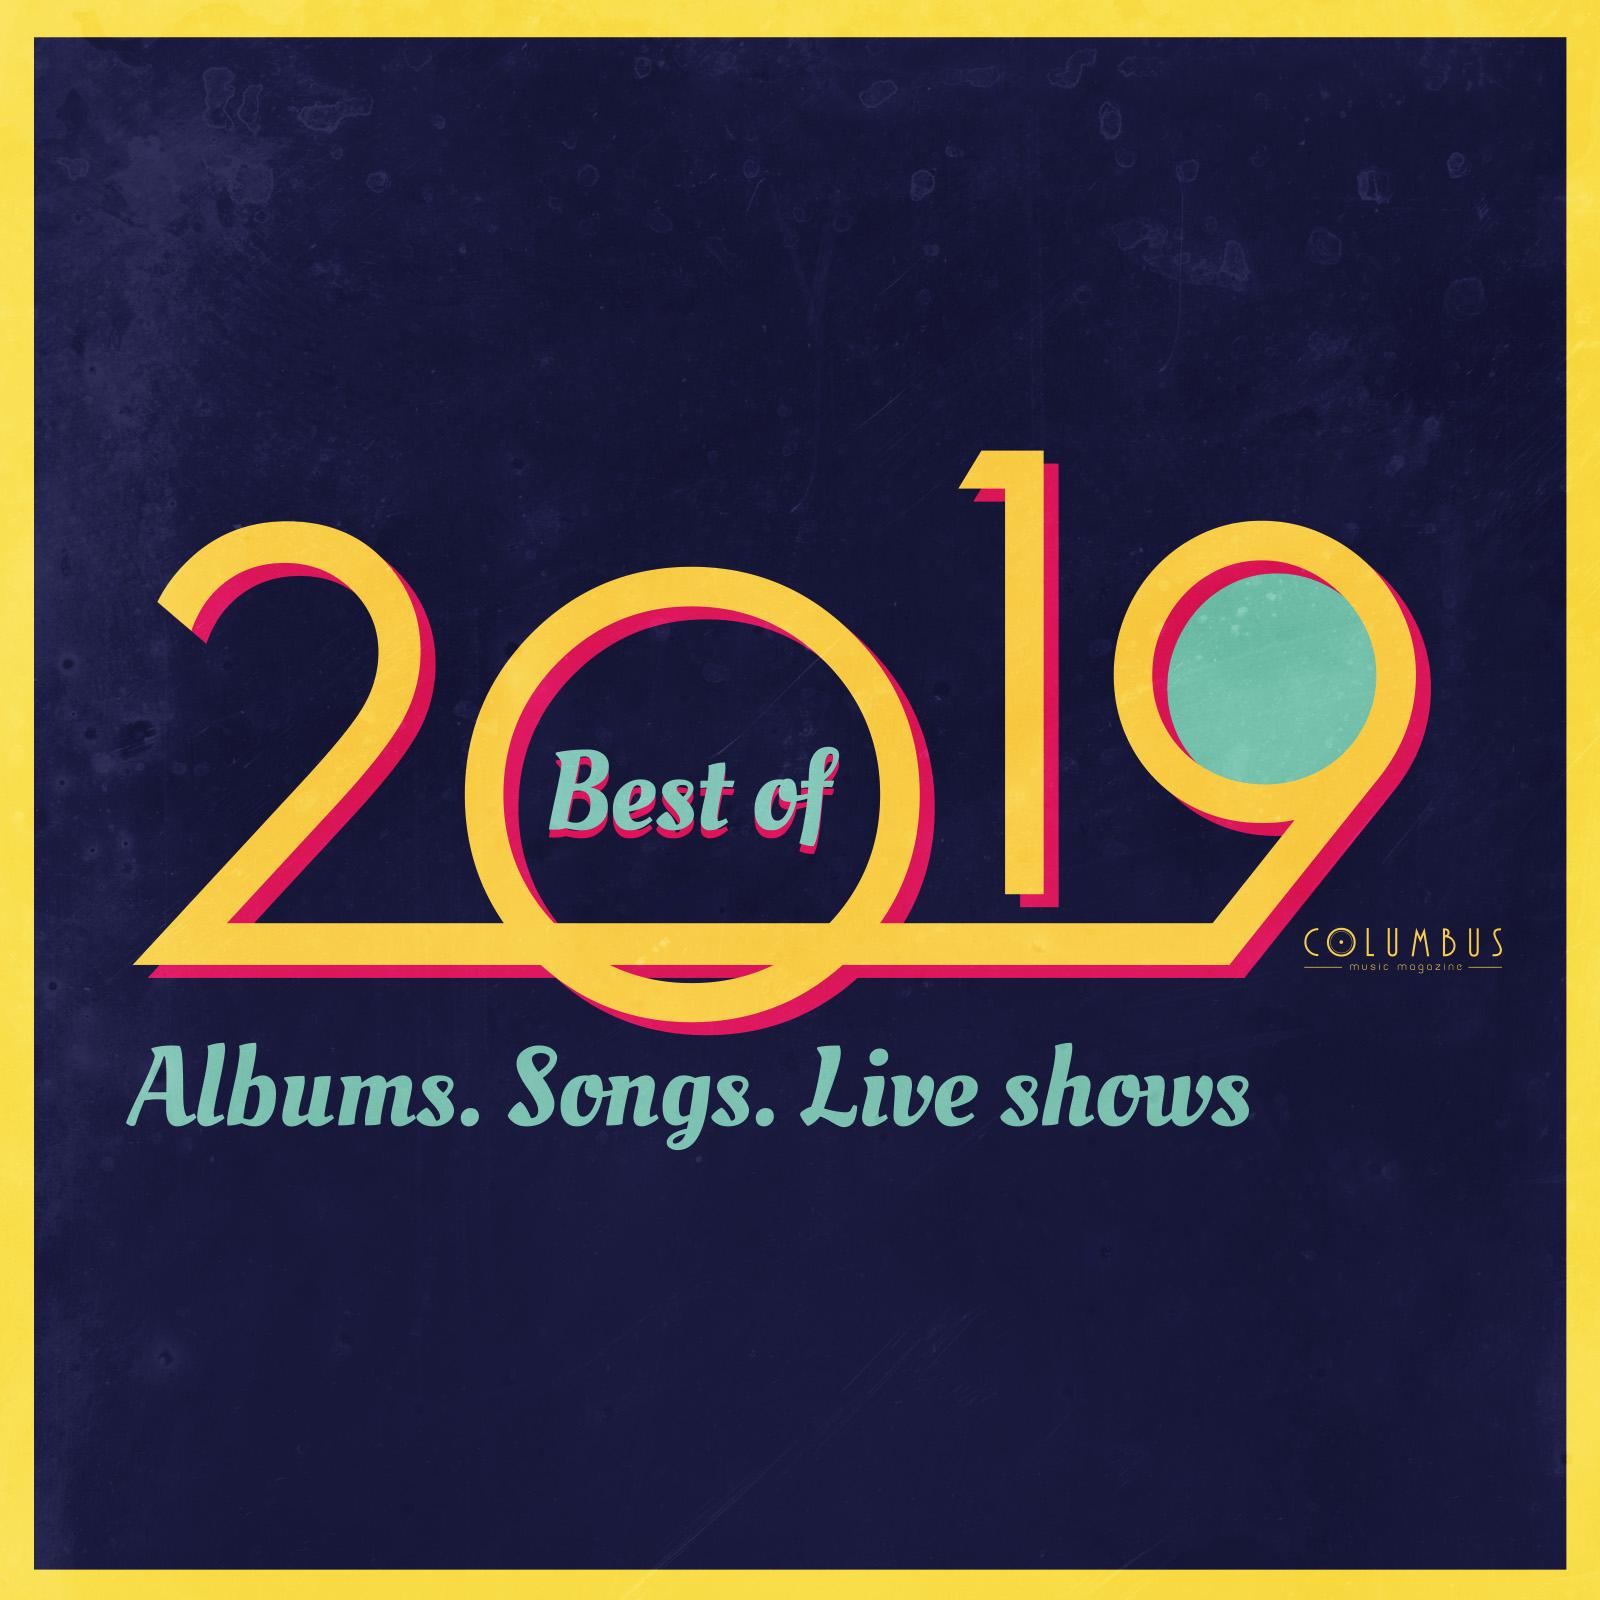 הסיכום השנתי של קולומבוס ל-2019 /// האלבומים, השירים וההופעות שעשו לנו את השנה